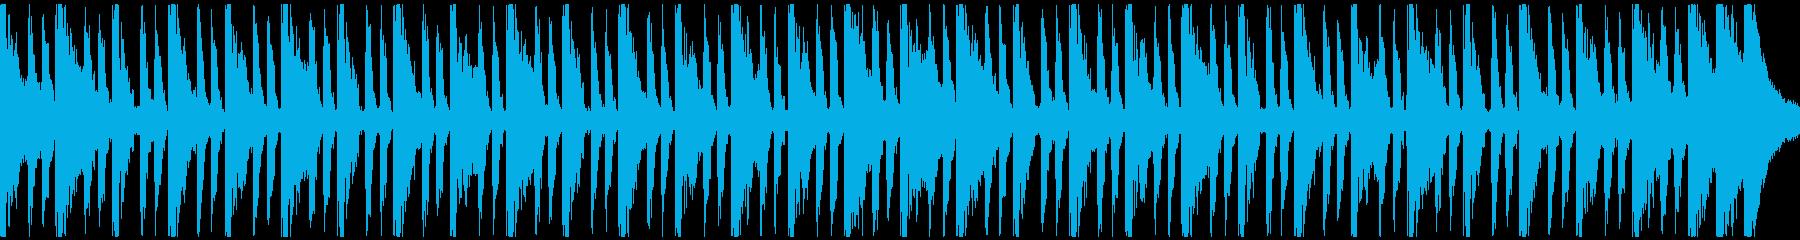 スポーツアクション(ループ)の再生済みの波形